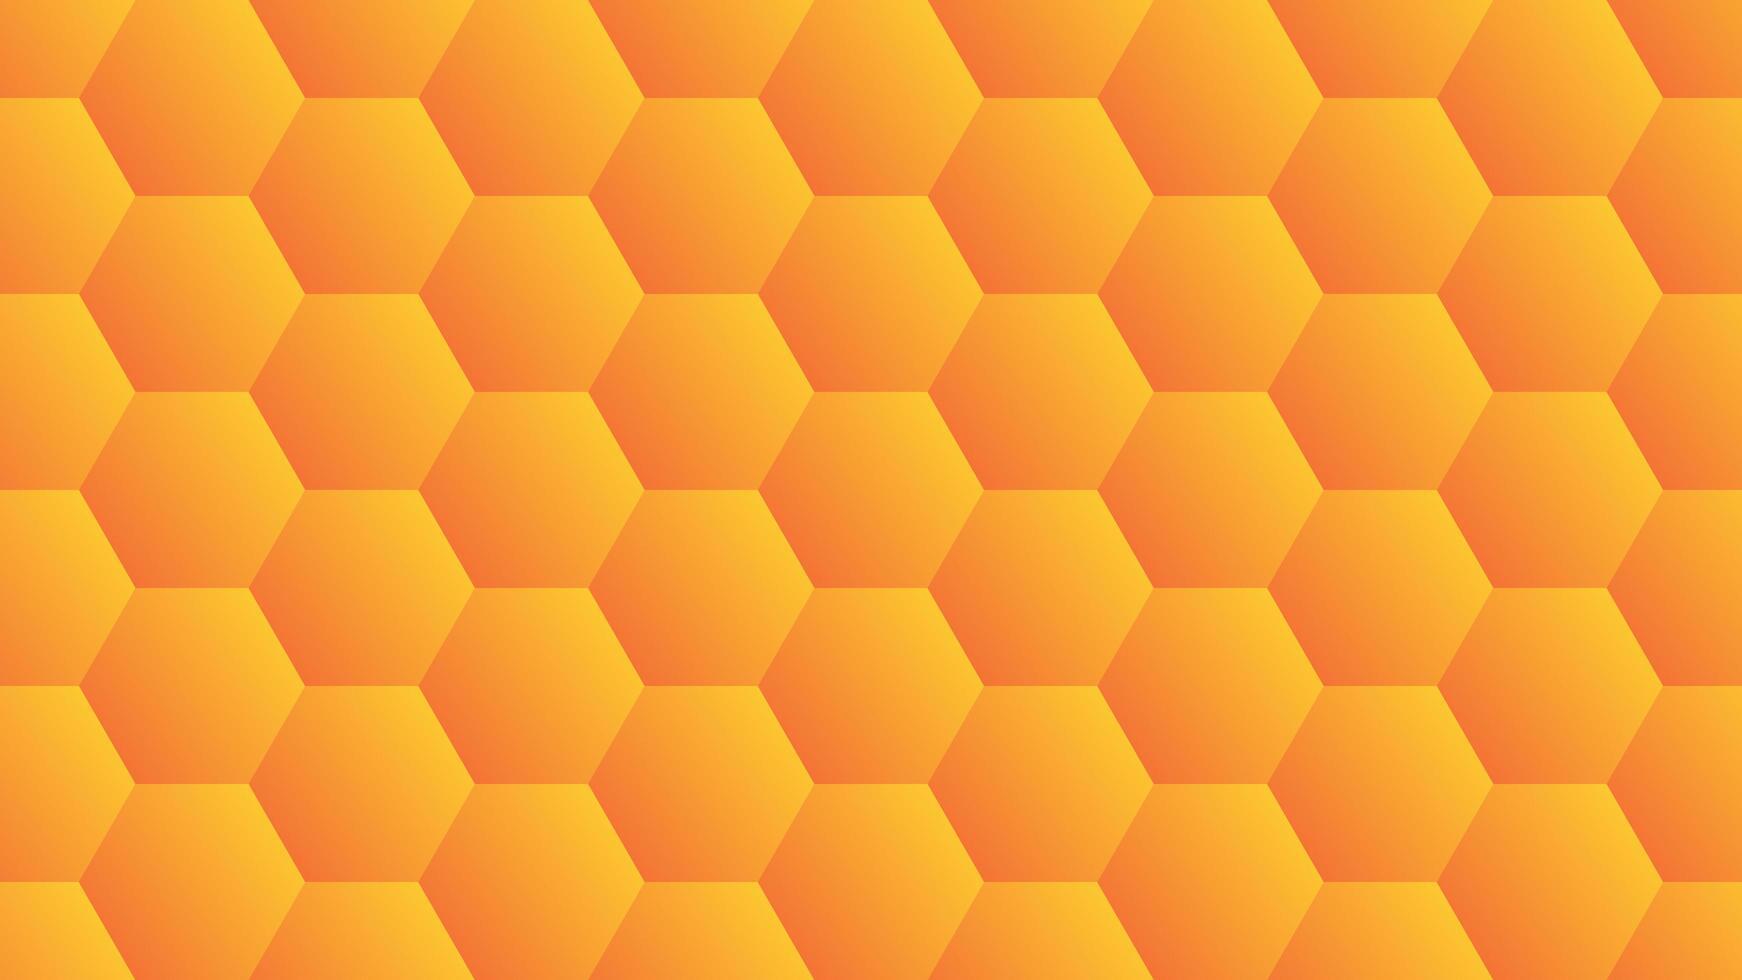 disegno esagonale sfumato arancione vettore